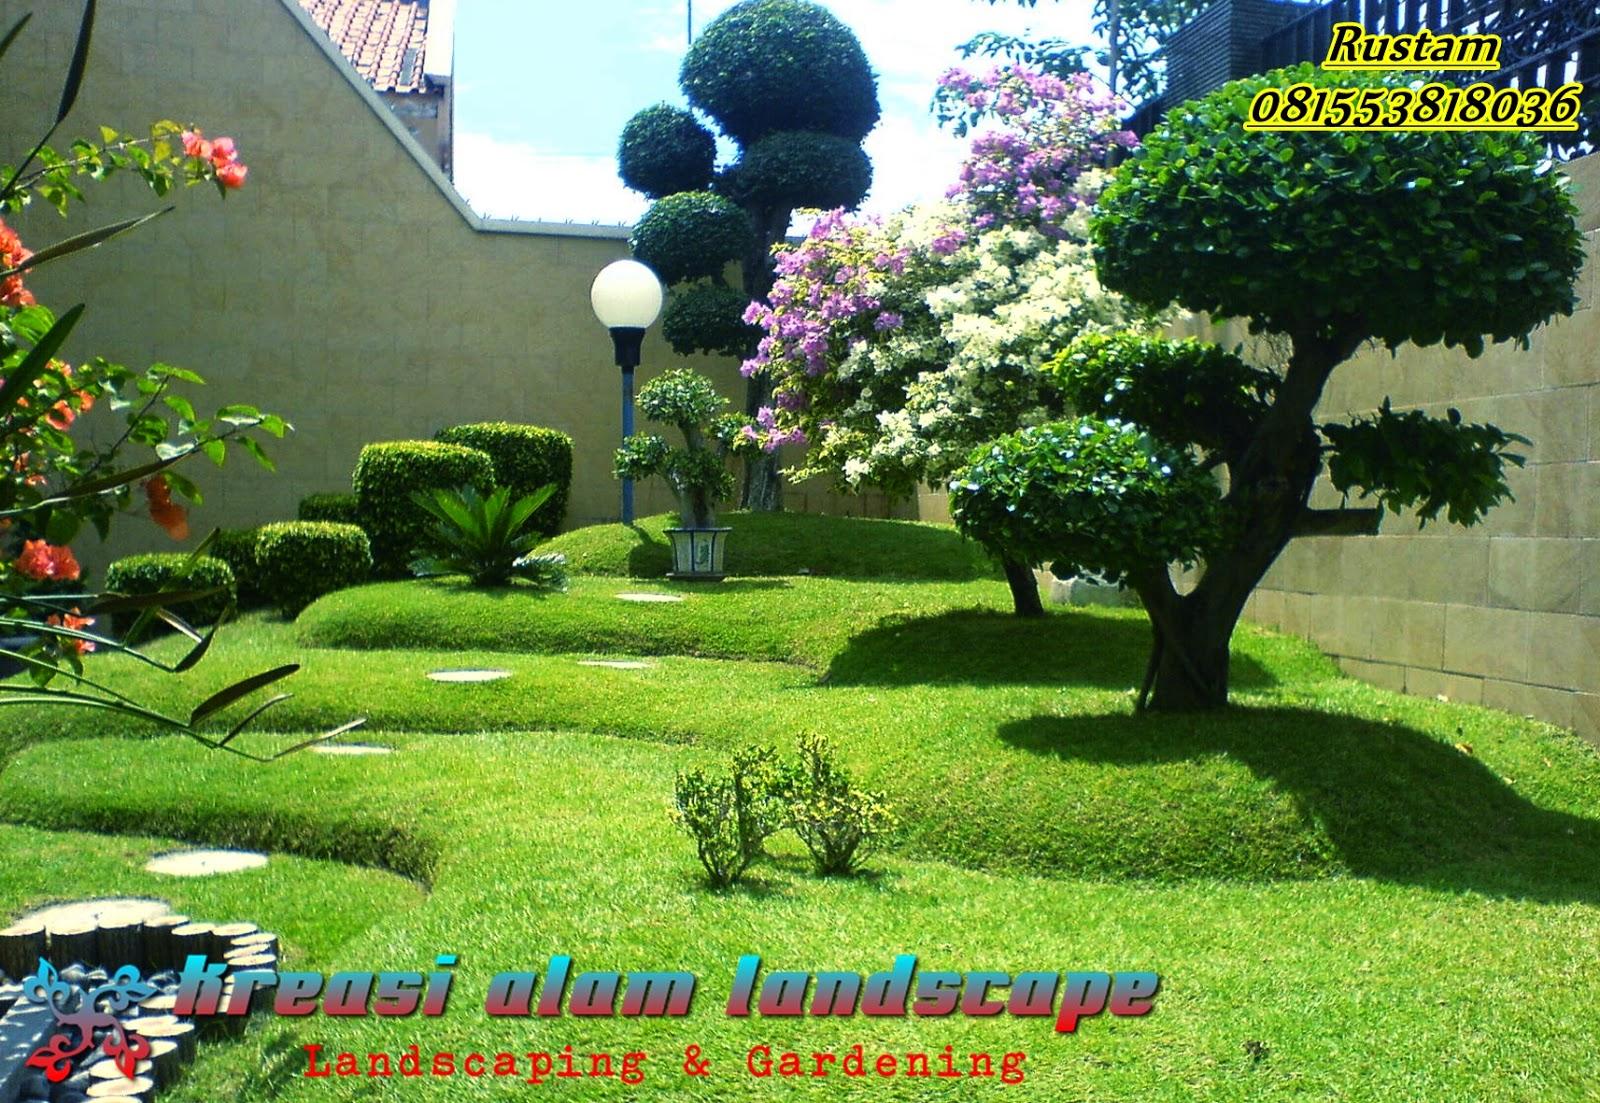 TAMAN KLASIK ORIENTAL KREASI ALAM LANDSCAPE Tukang Taman Jakarta